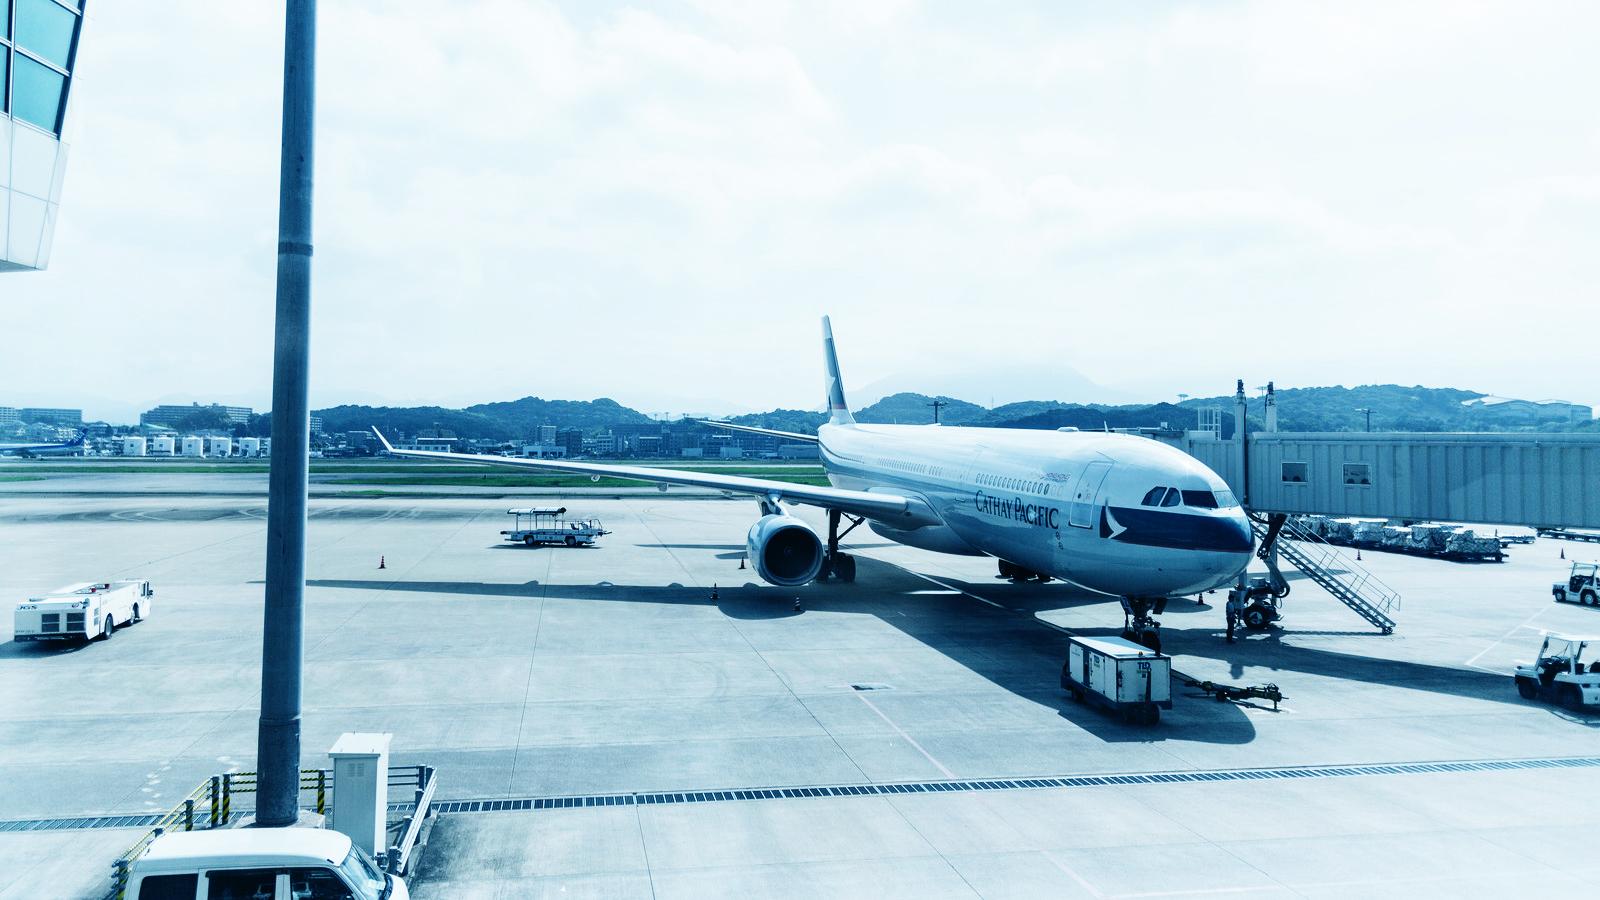 赤軍によって乗っ取られた日本航空351便【よど号ハイジャック事件】